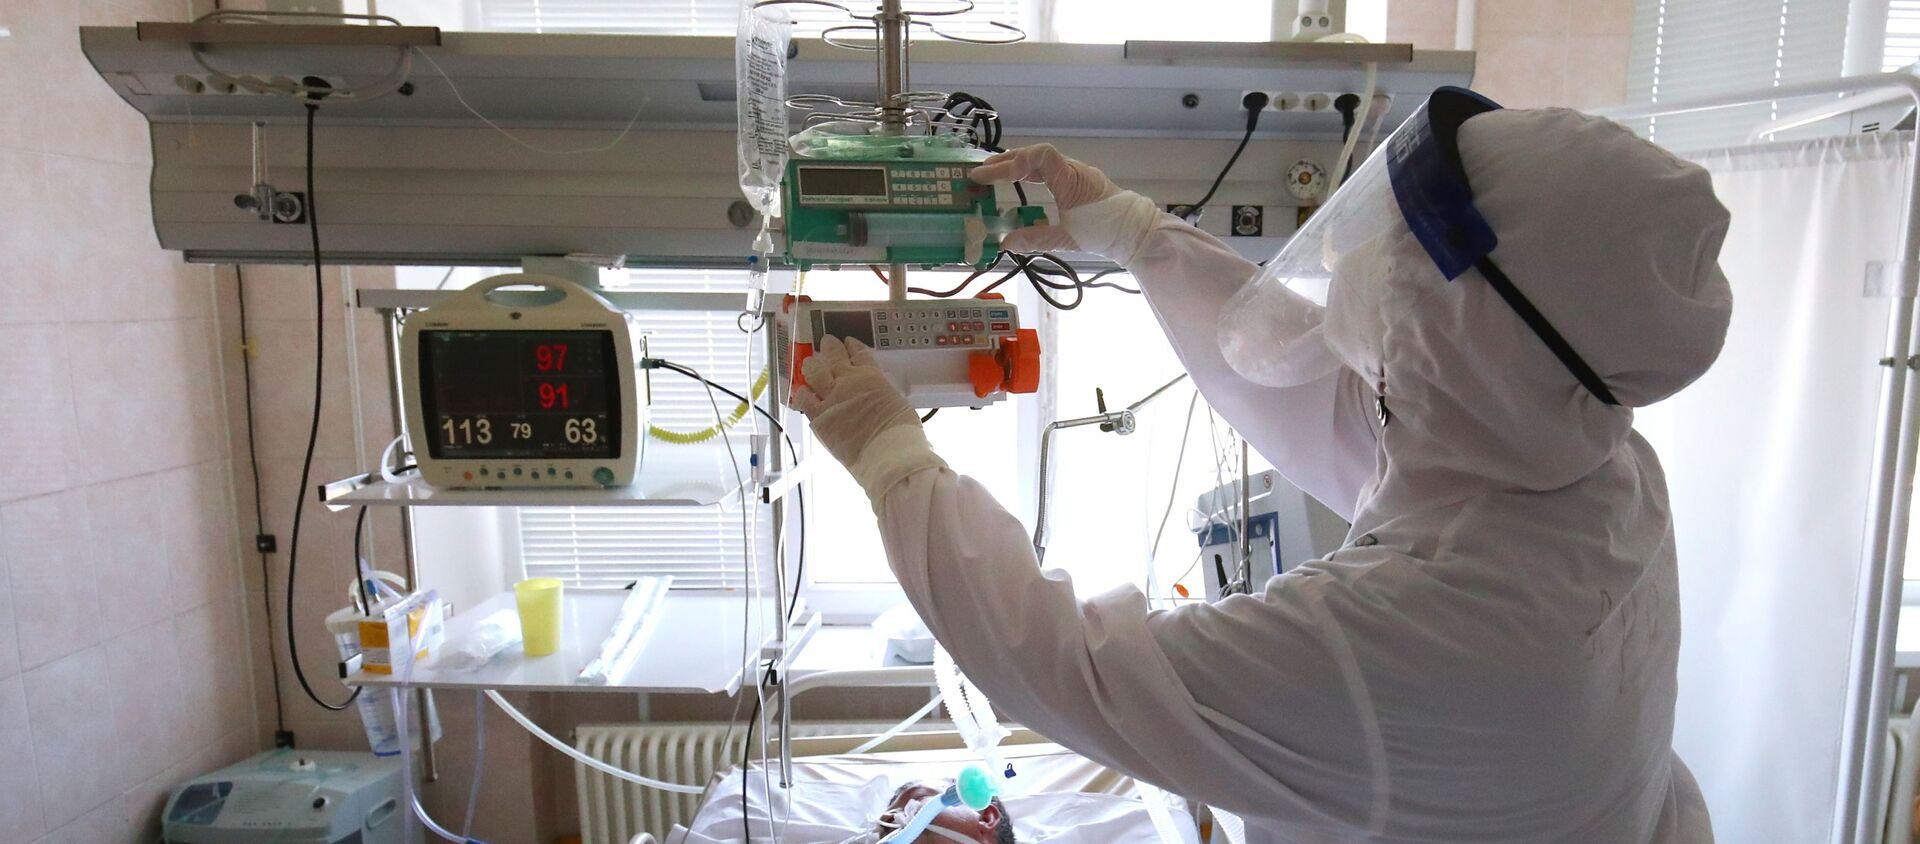 Лечение больных с Covid-19 в больнице скорой помощи в Волгограде - Sputnik Южная Осетия, 1920, 11.10.2021